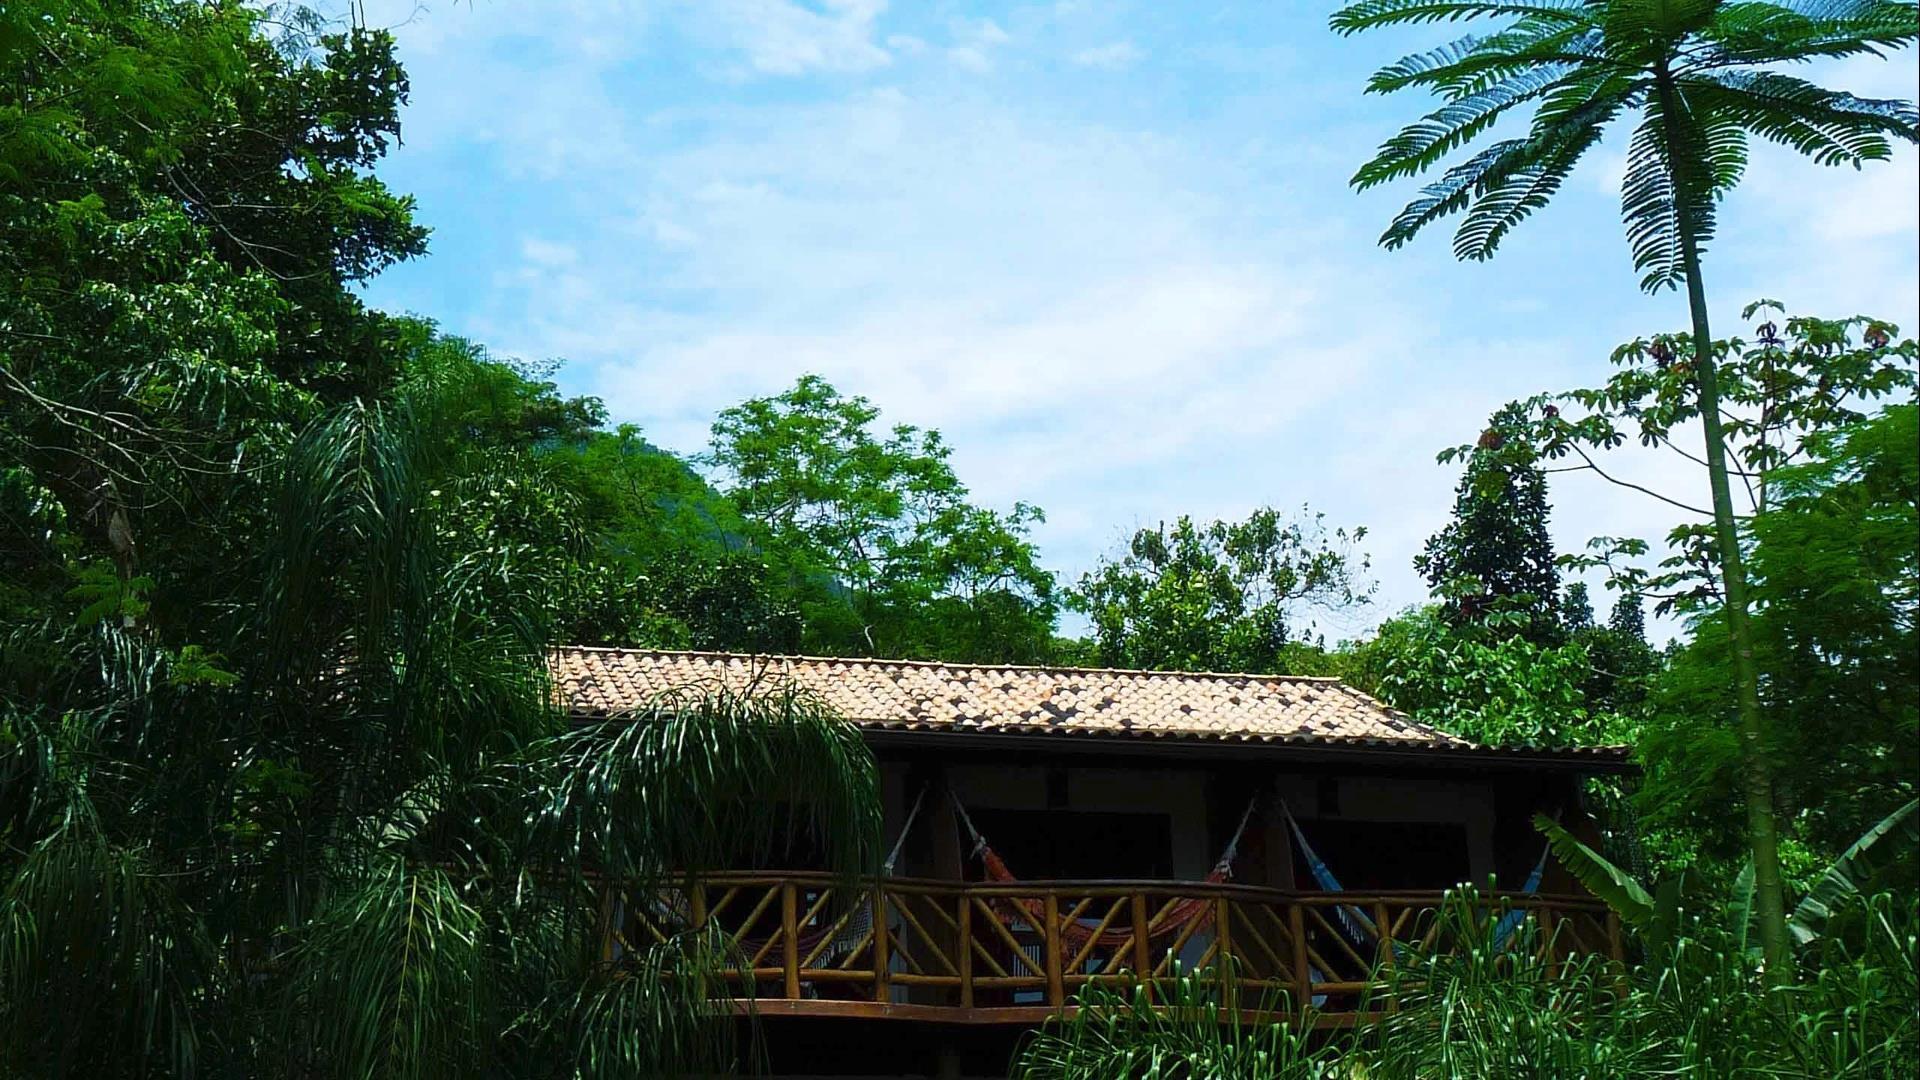 Brasilien Ilha Grande: Landestypische Unterkunft - Pousada Naturalia